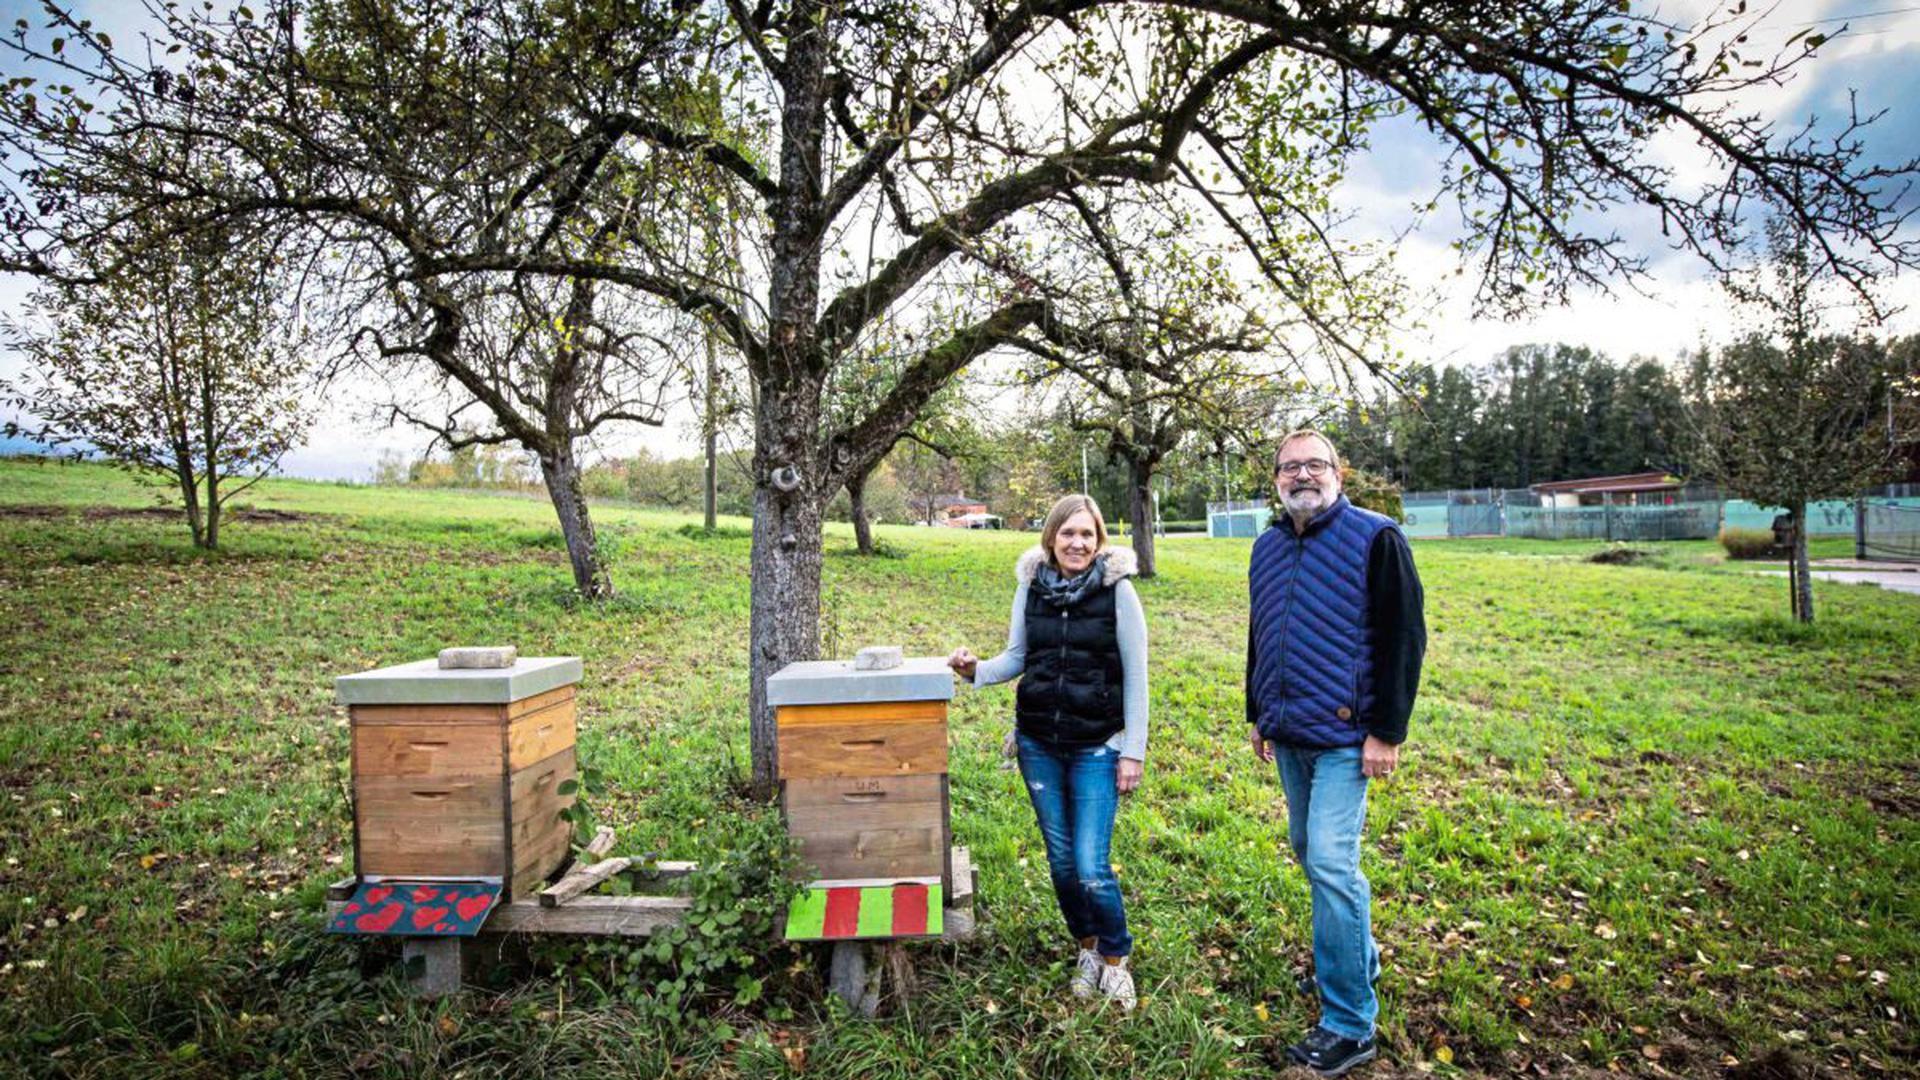 Gegen die Bebauung eines Grundstücks wehren sich Martina Prinz und Jack Herbst. Sie haben Unterschriften gegen die Ansiedlung eines Discounters neben Rewe gesammelt. Die nötigen sieben Prozent Anteil der Wahlberechtigten haben sie nicht erreicht.